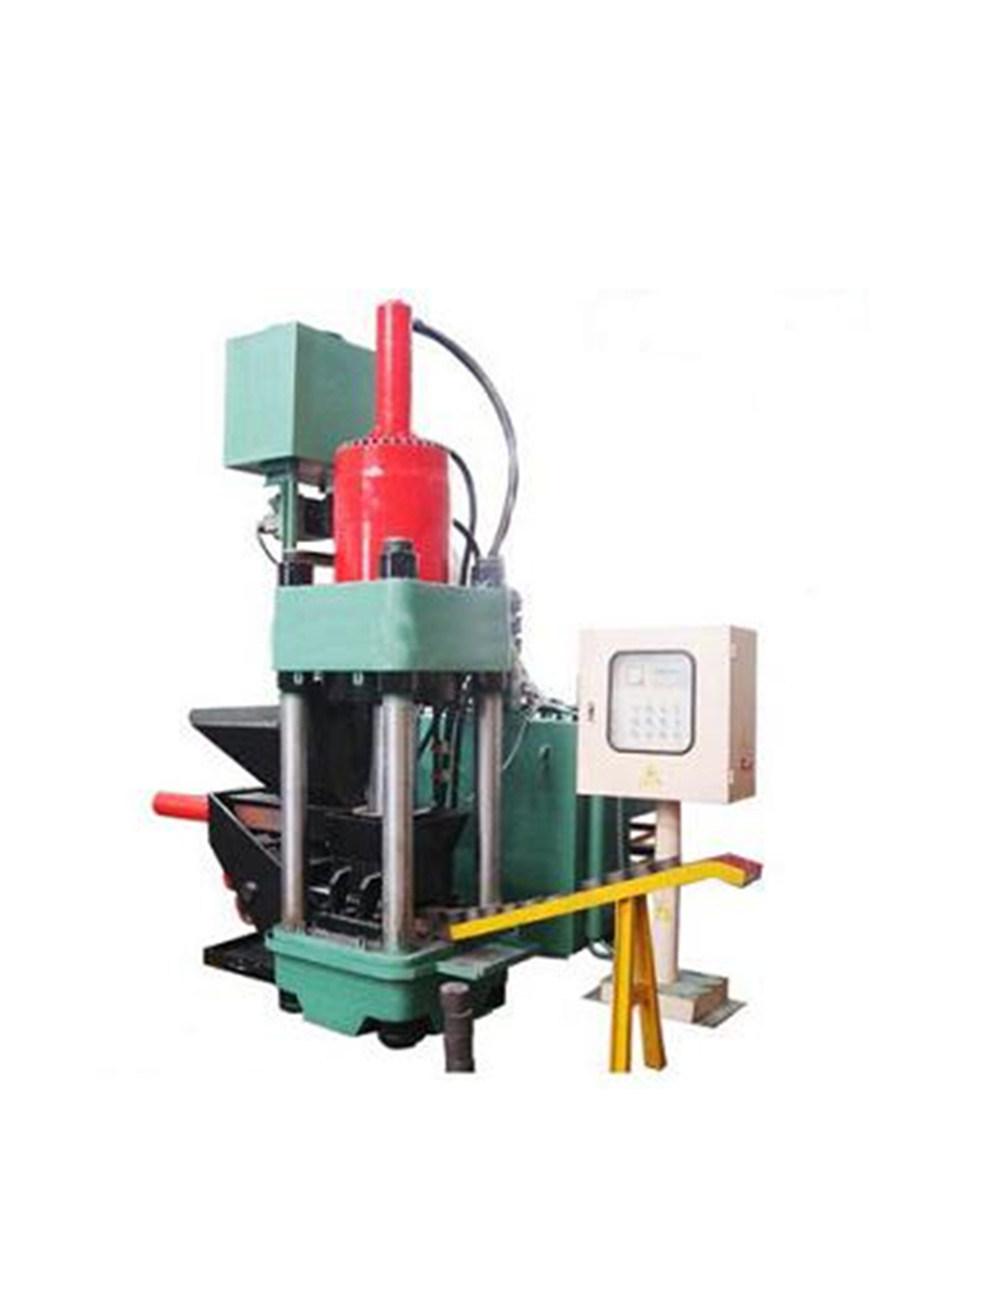 Y83-250 Metal Briquetting Press